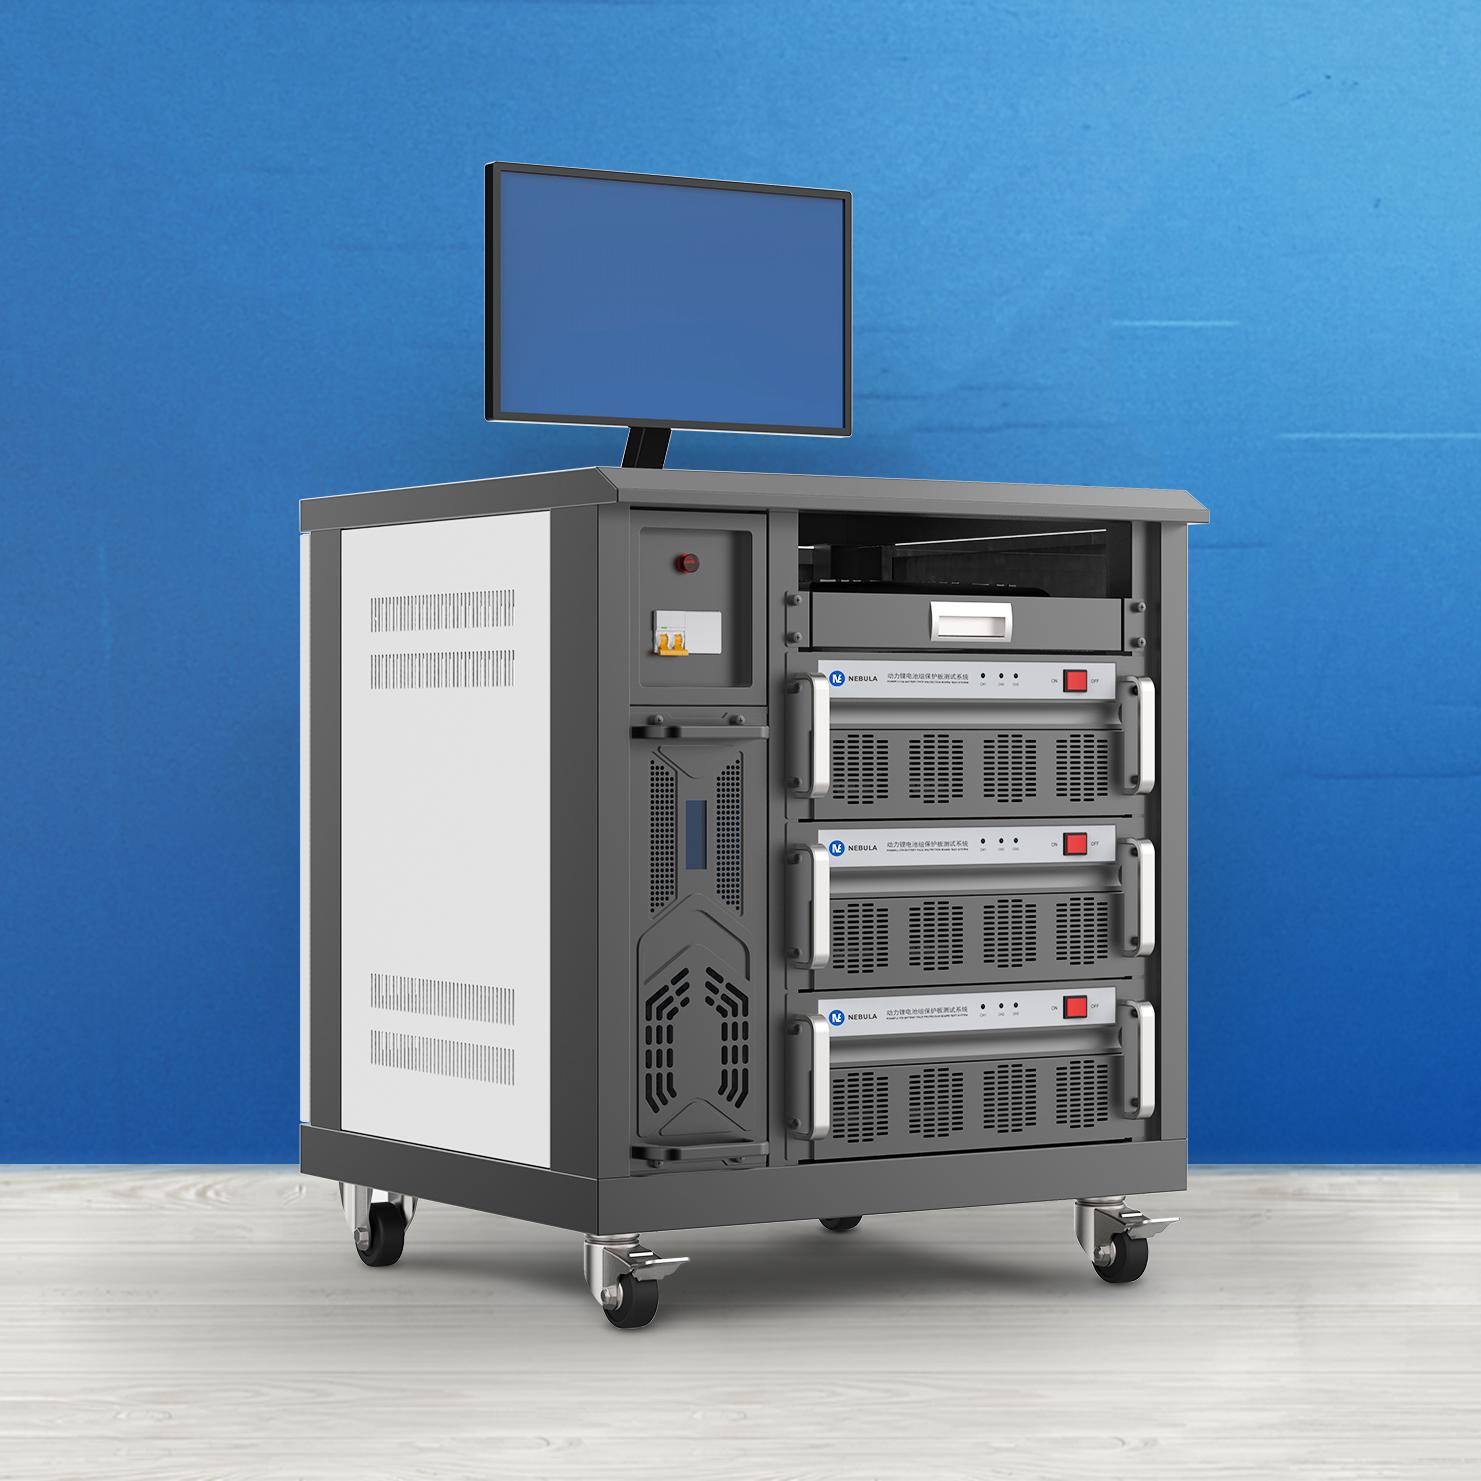 星云动力锂电池组保护板测试系统BAT-NEHP36K-300 Featured Image